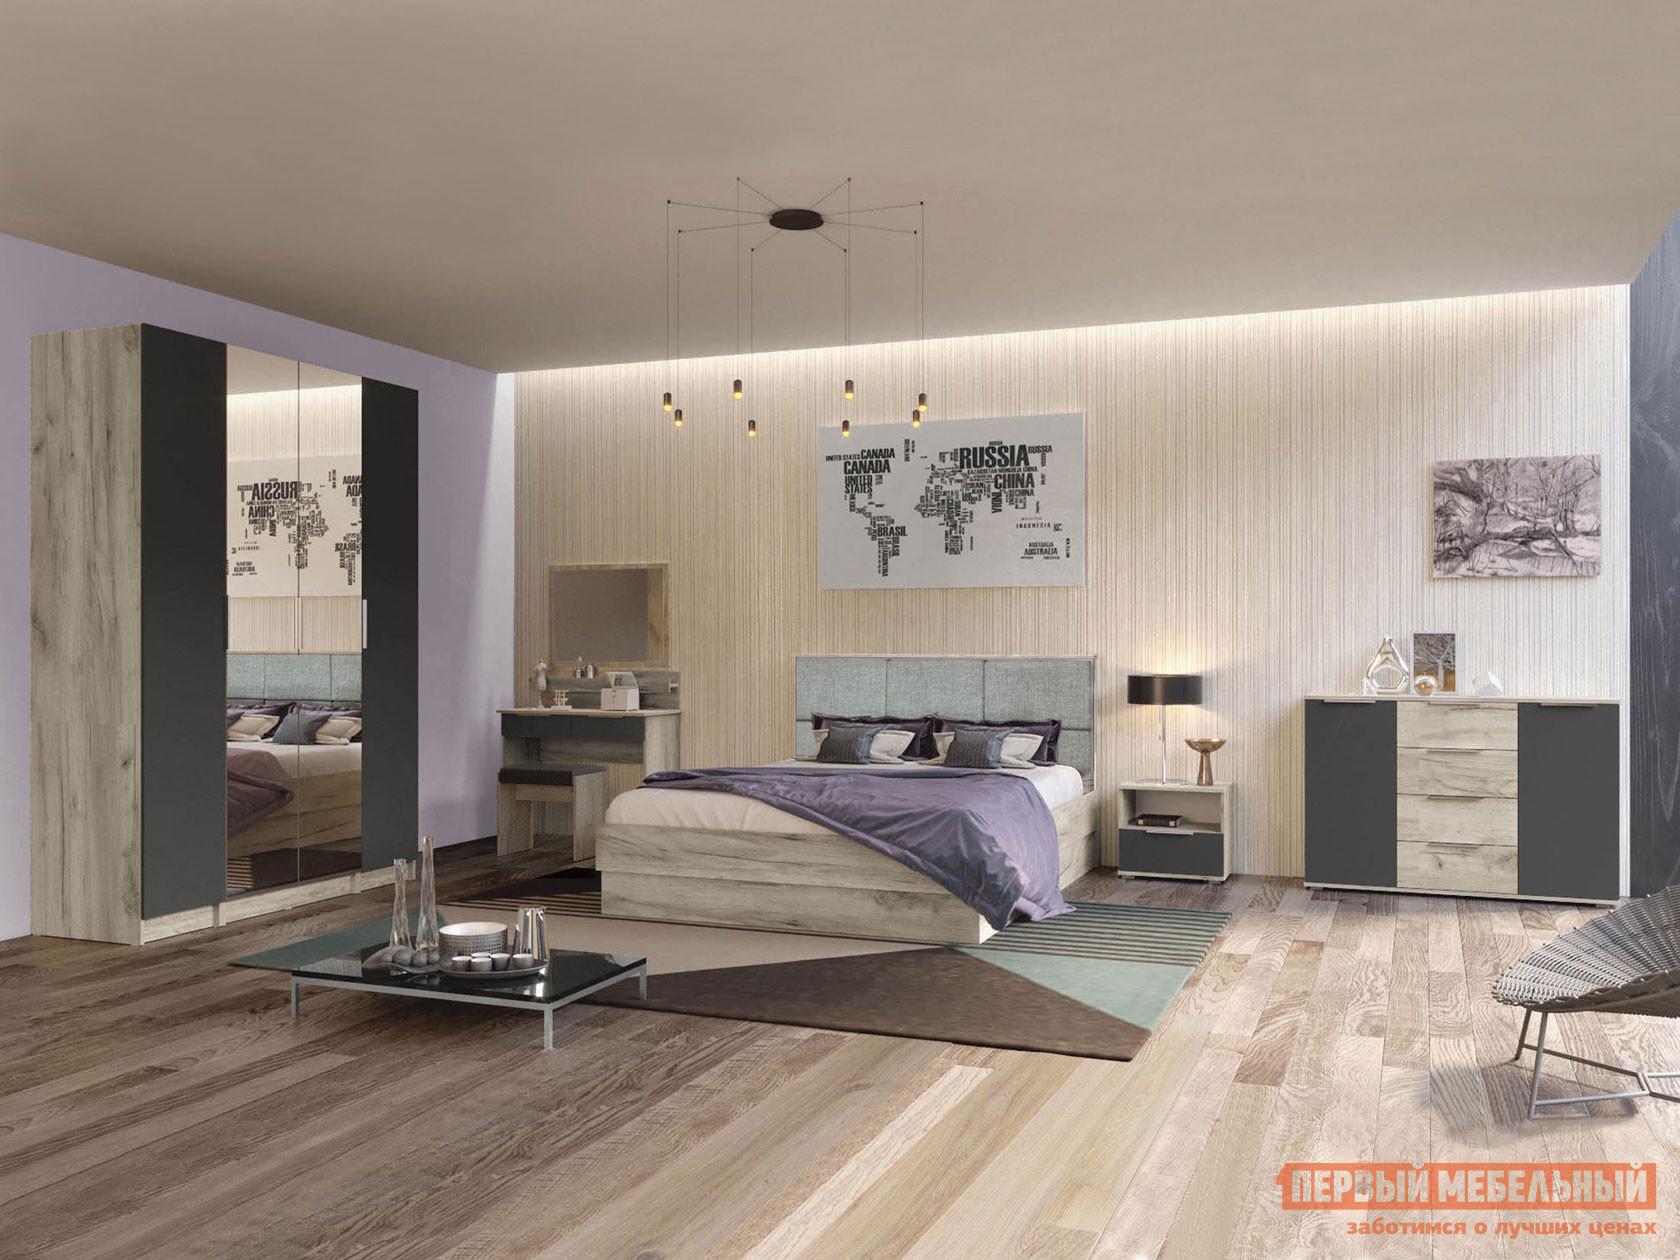 Спальный гарнитур НК-Мебель Спальный гарнитур Венеция спальный гарнитур нк мебель комплект мебели для спальни тиберия к2